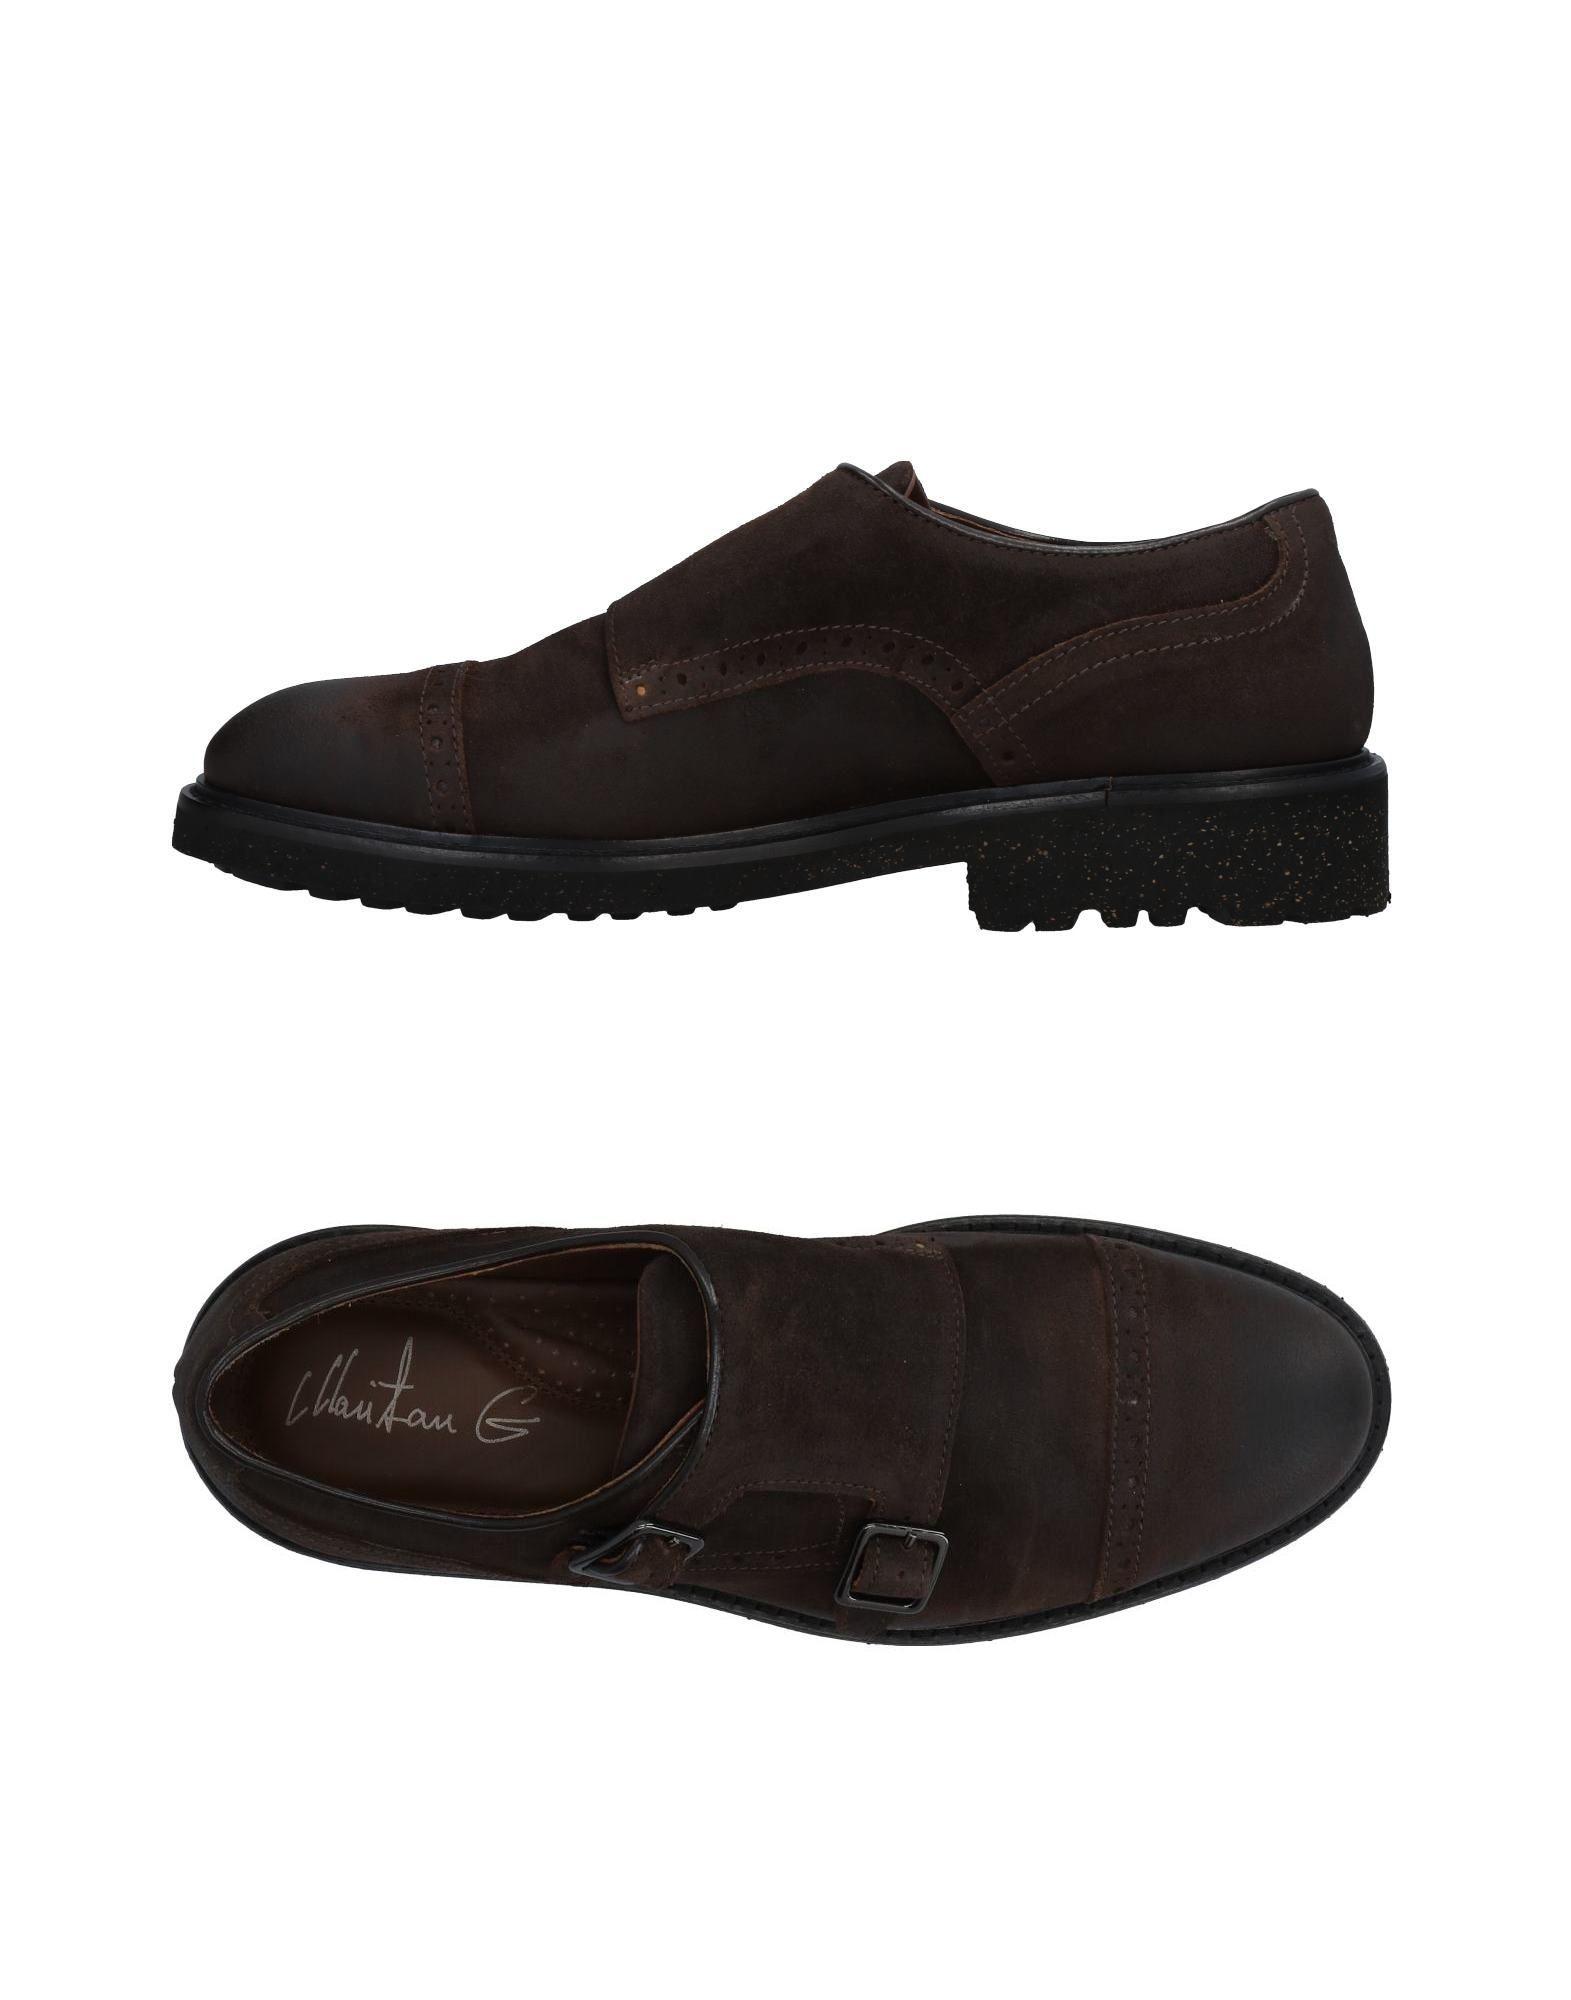 Rabatt echte Schuhe Herren Maritan G Mokassins Herren Schuhe  11481280NH 144703